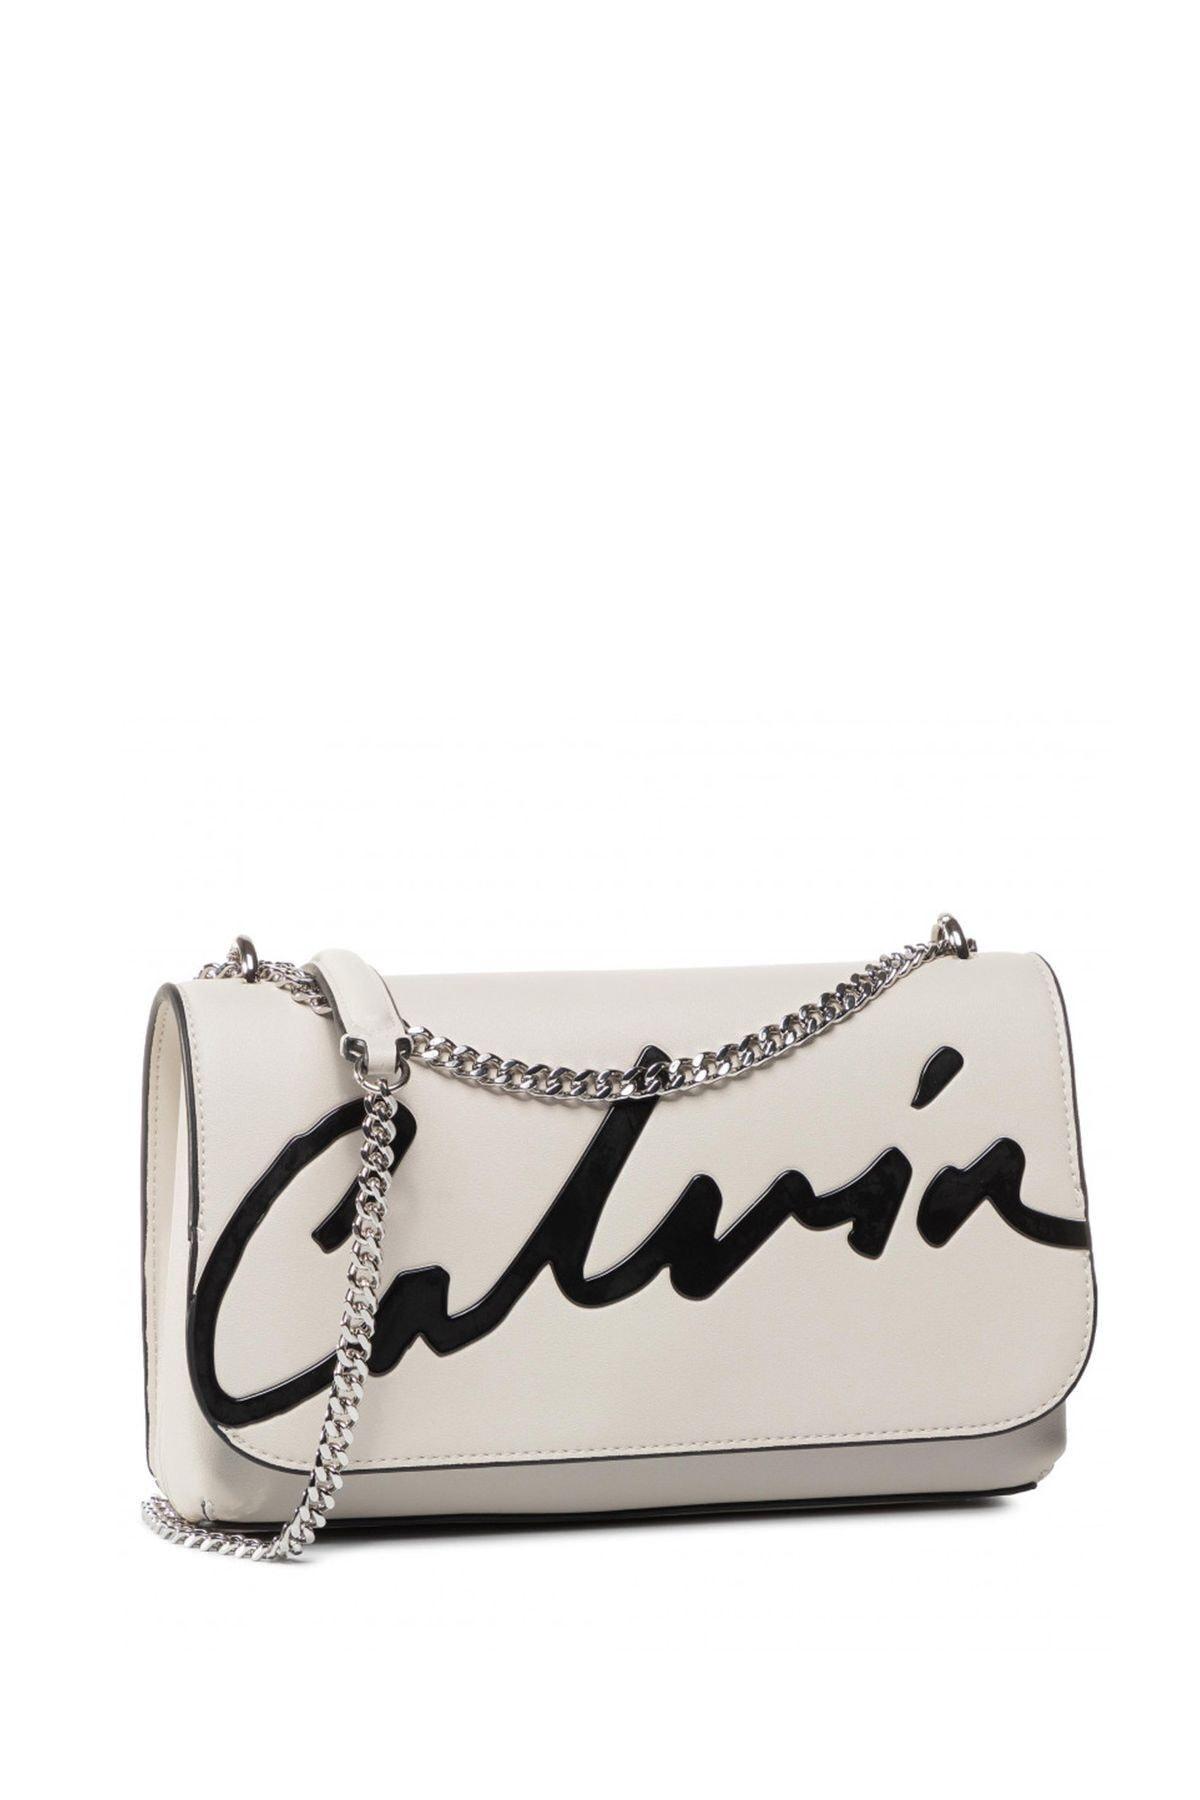 Calvin Klein Kadın Beyaz Ckj Sculpted Flap Ew Xbody Çapraz Askılı Çantası K60k606572 1